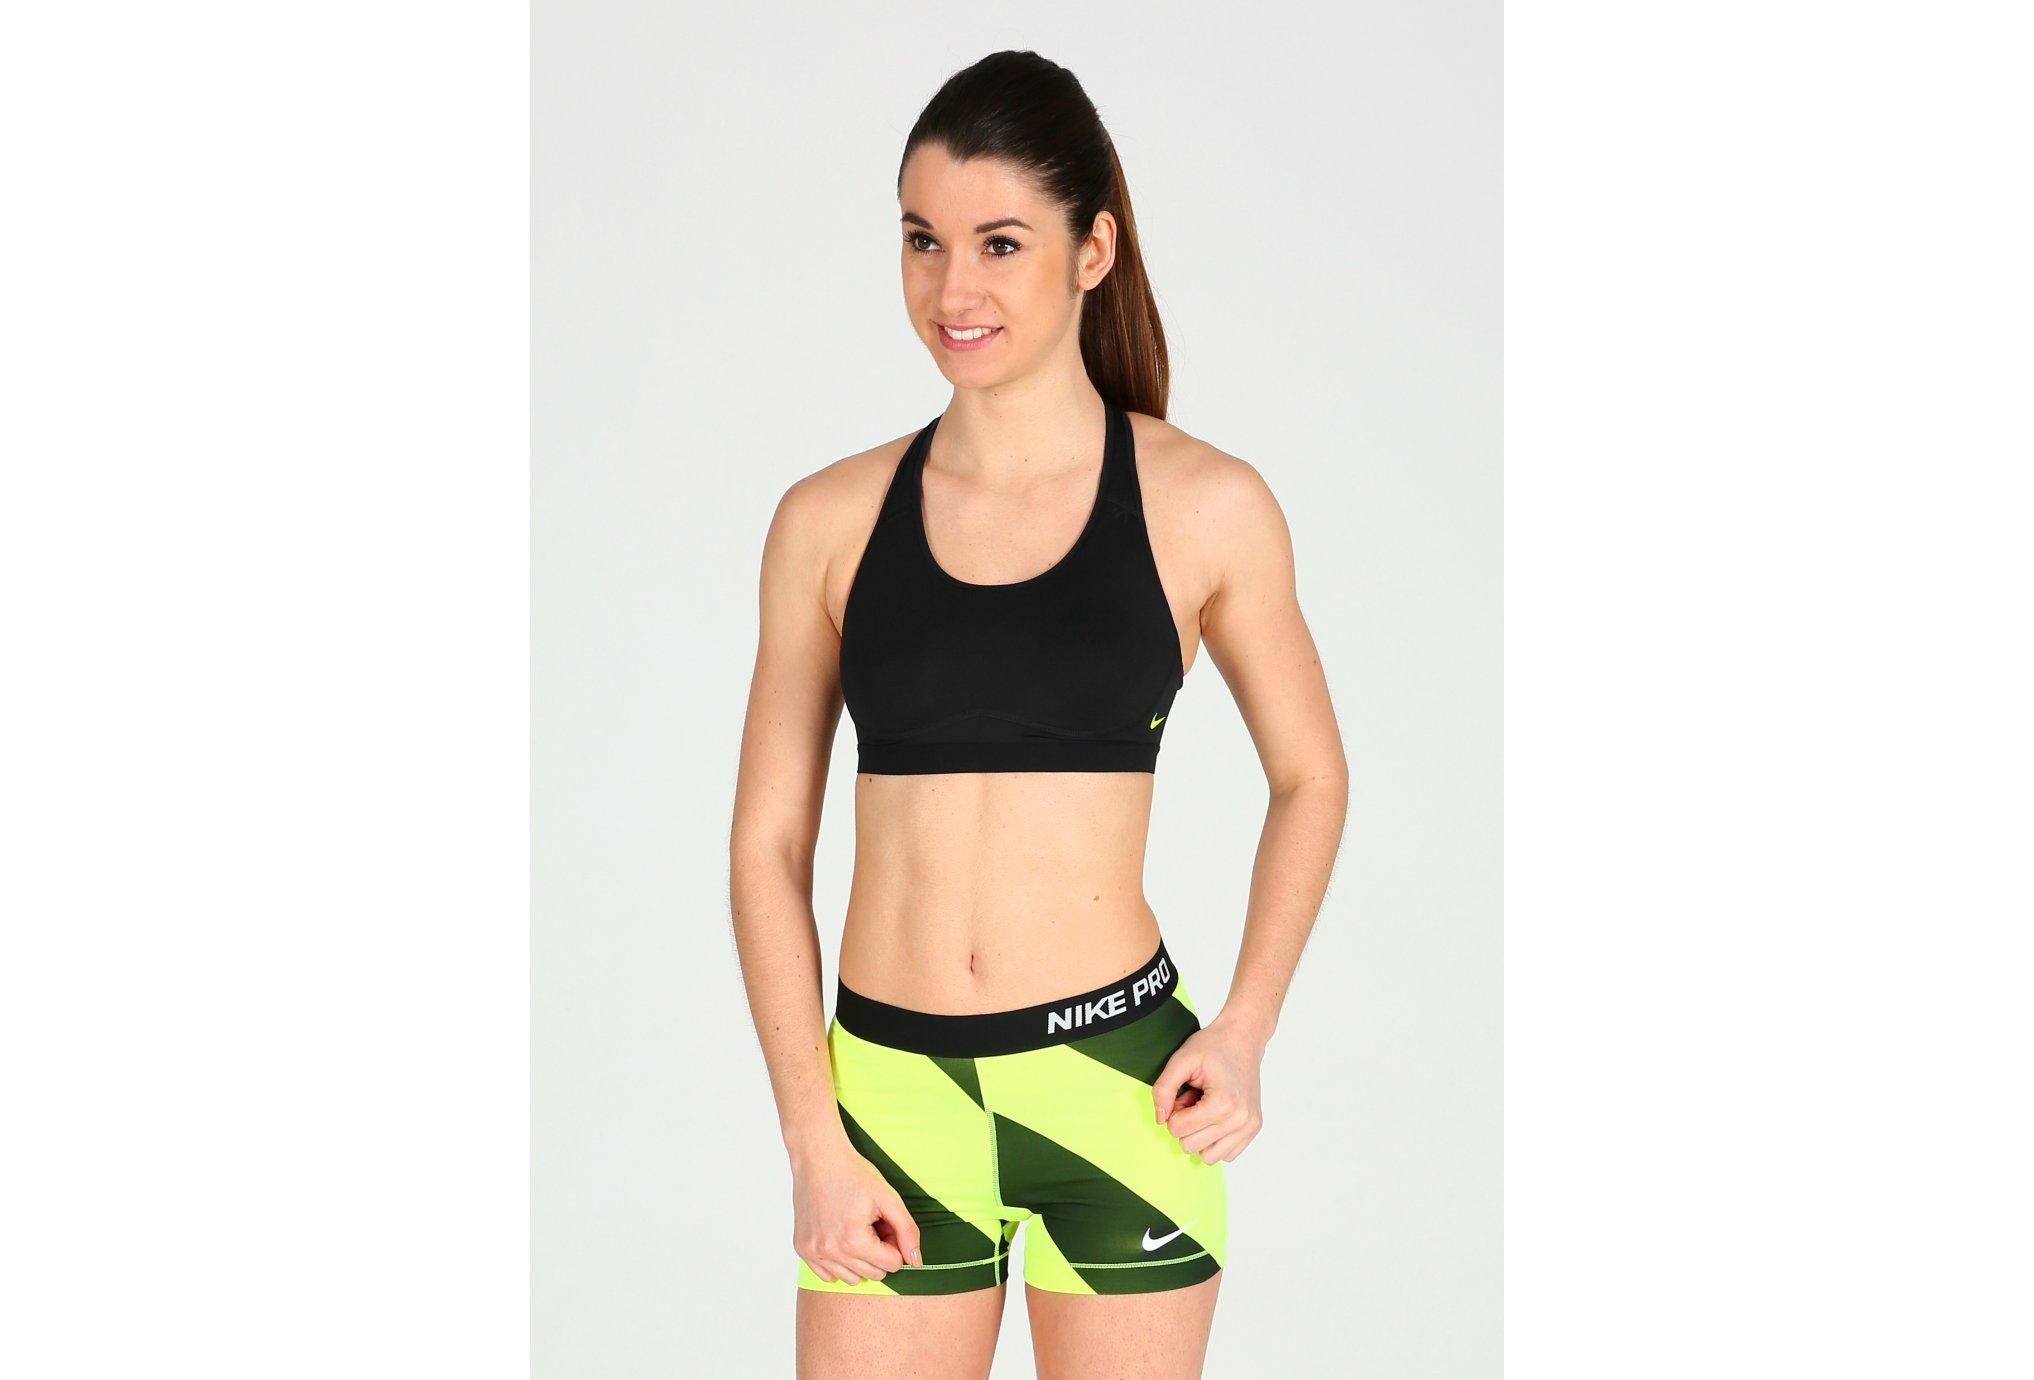 Nike Pro Fierce Brassière Diététique Vêtements femme